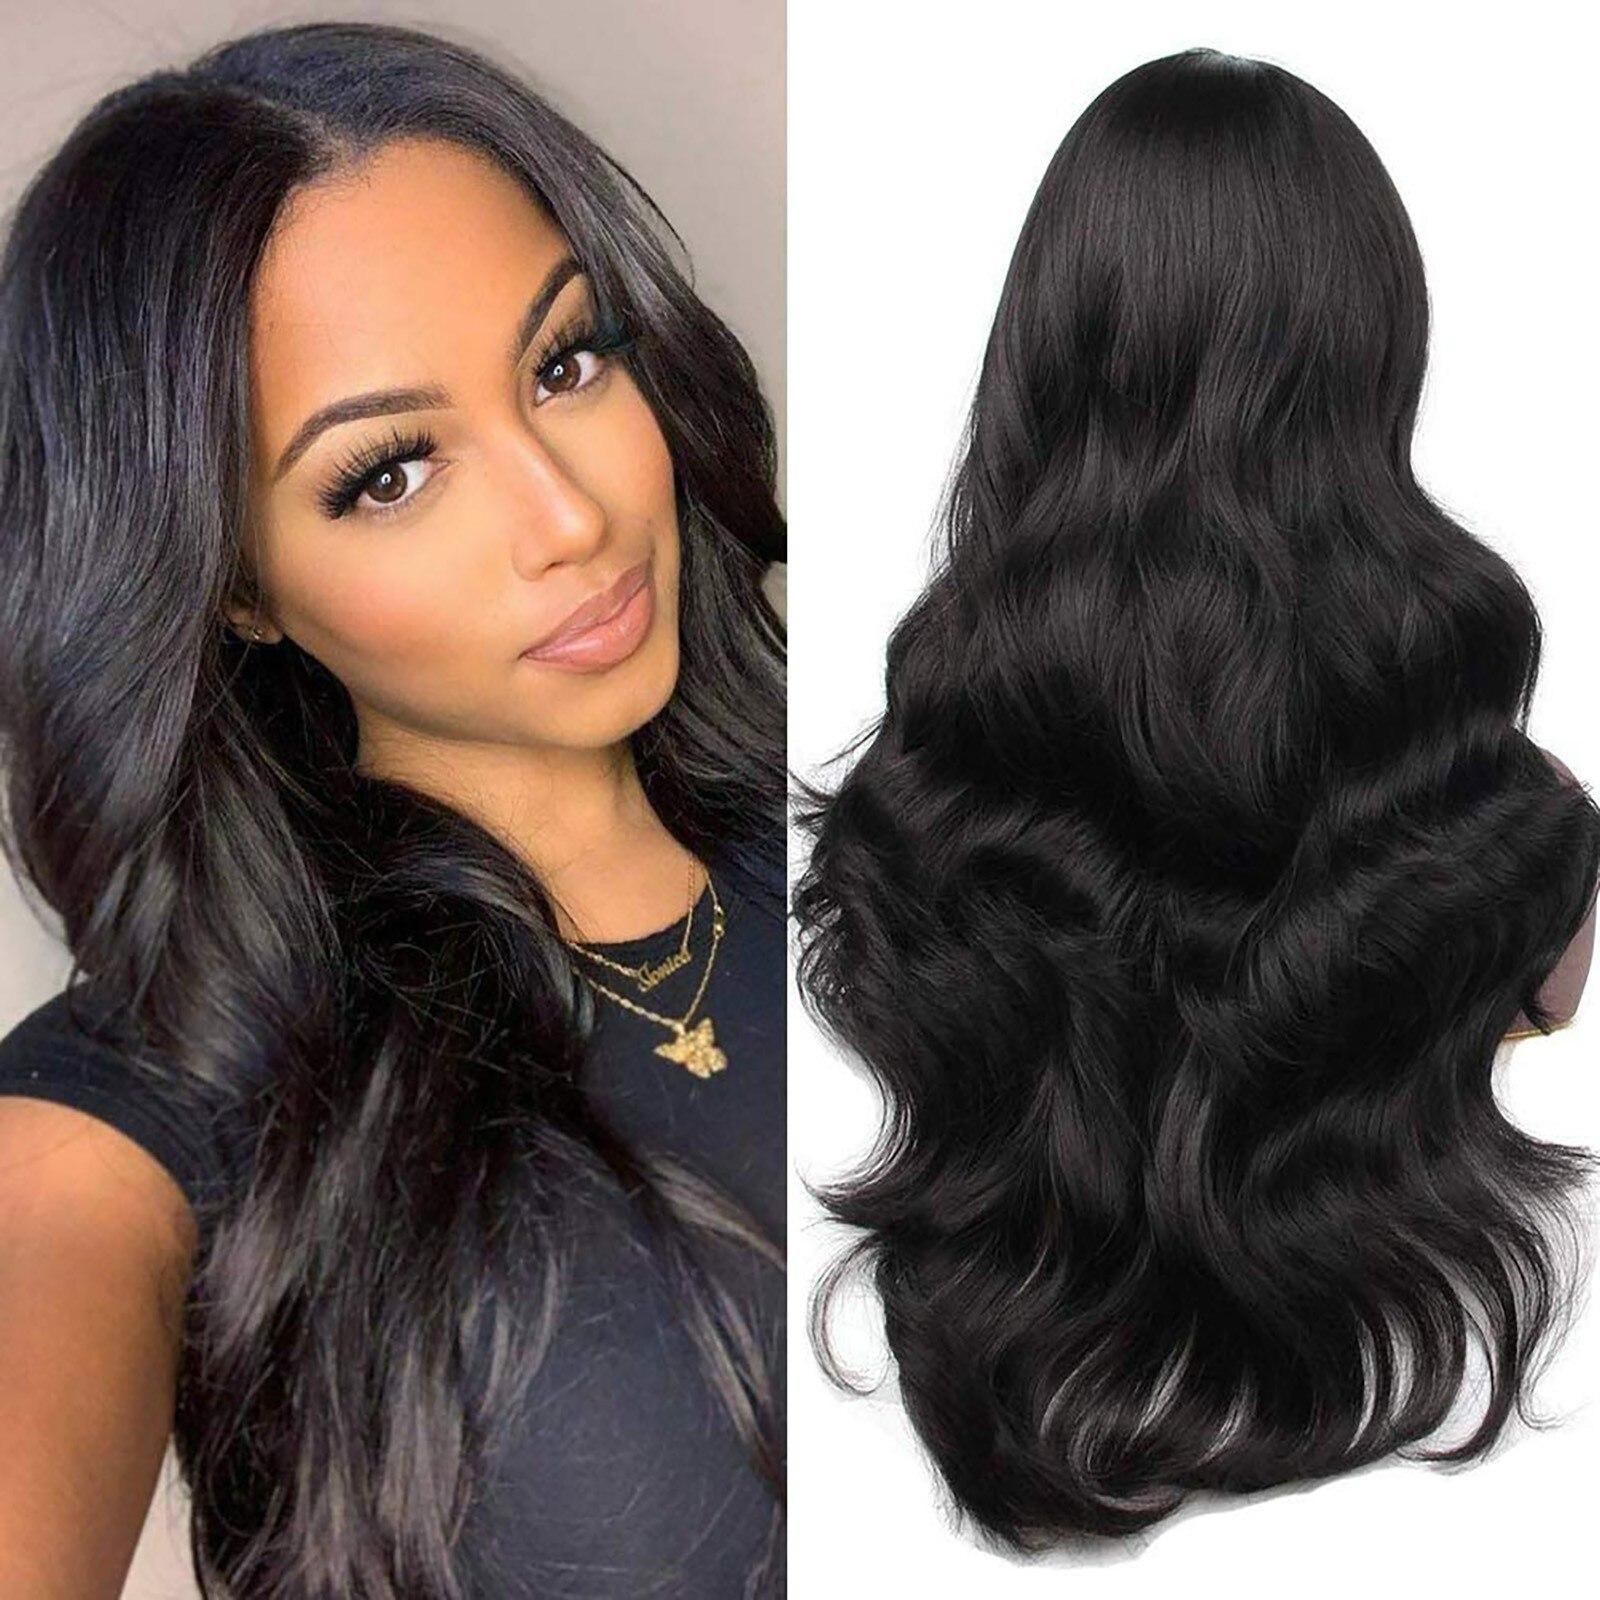 Парик длинный волнистый черный парик синтетические парики для чернокожих женщин волнистый вьющийся черный парик косплей волосы женские длинные сексуальные парики # g30